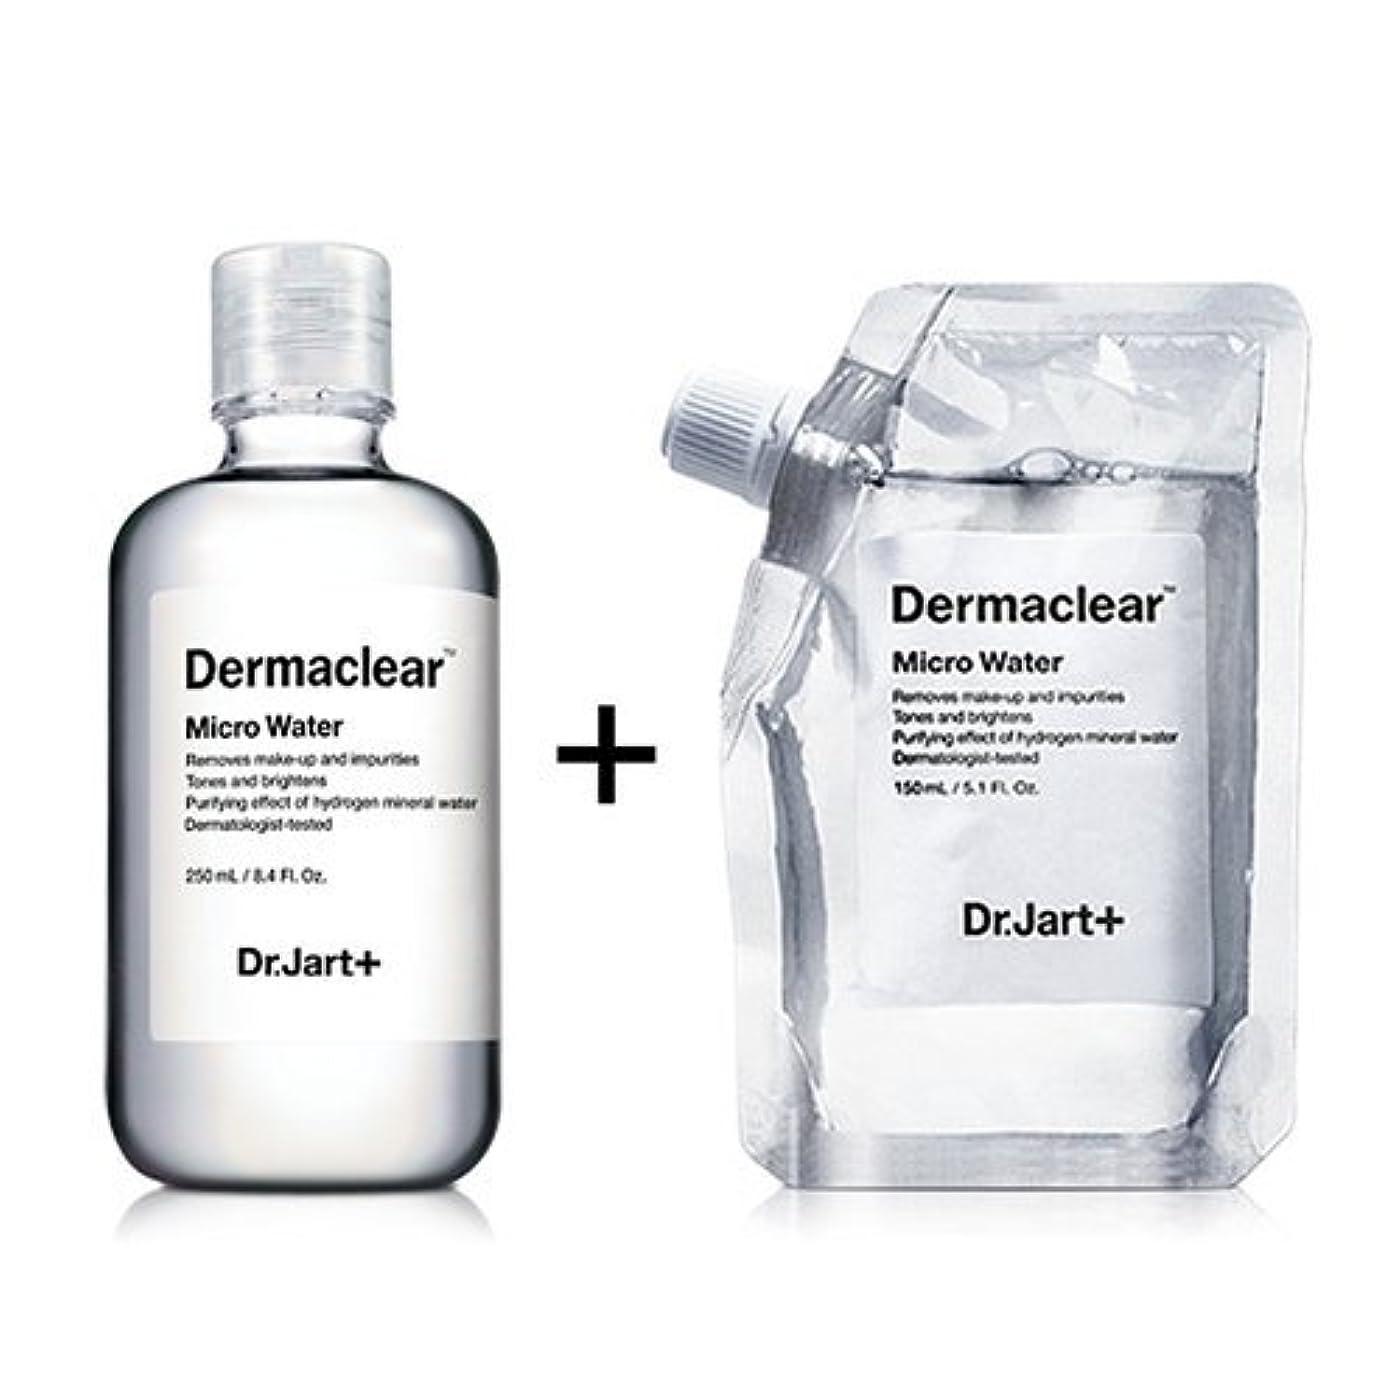 帝国主義ラインナップ誤ってドクタージャルト[韓国コスメ Dr.Jart+]ダーマクリア マイクロ ウォーター250ml+150ml(リフィル) [Dr.Jart+]Dermaclear Micro Water (250ml+150ml)